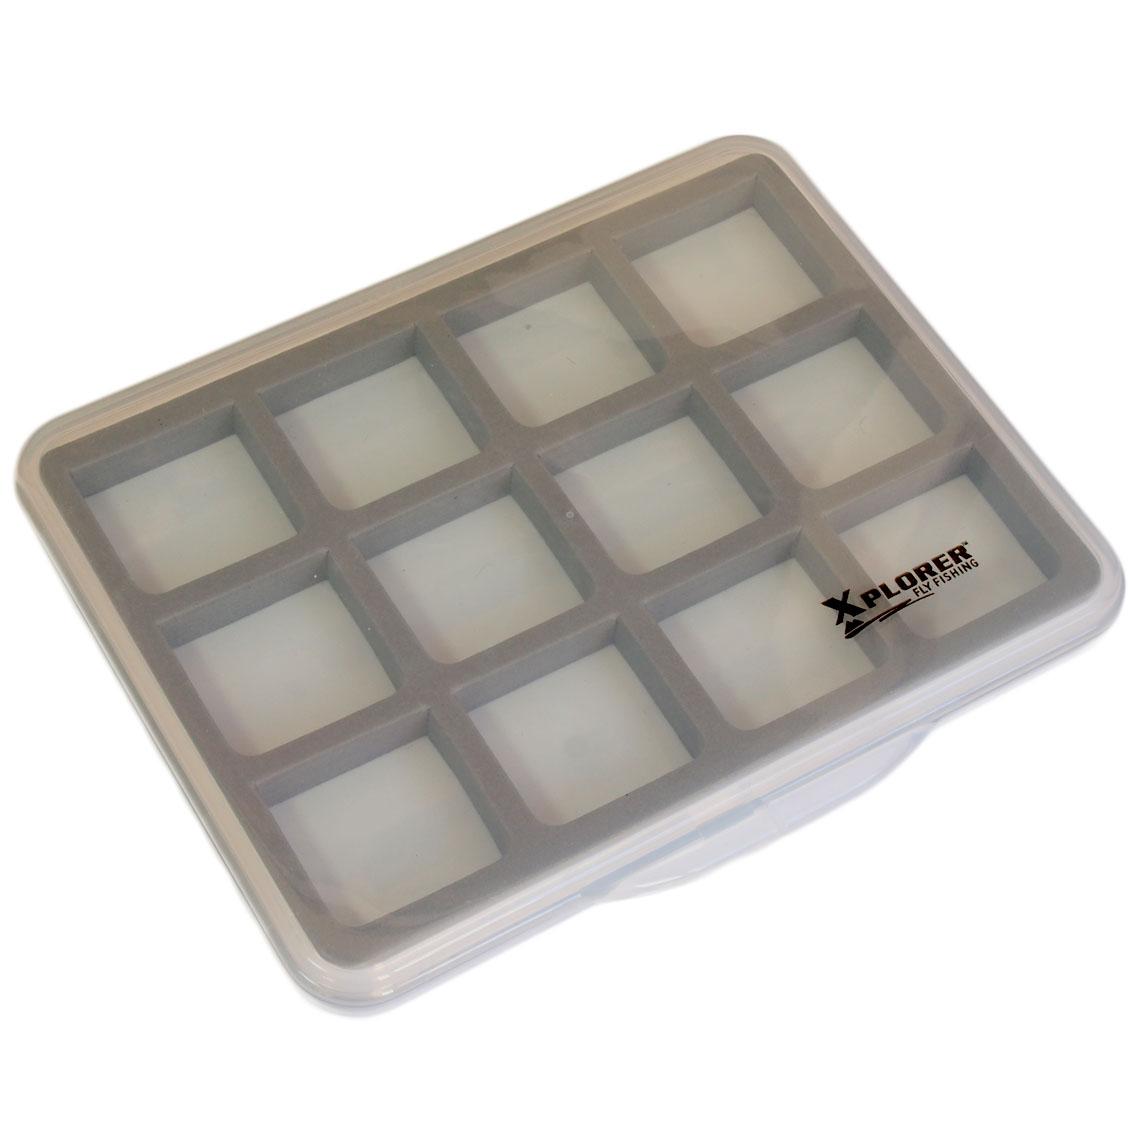 Caixa para Moscas Xplorer Slimline Magnetic 12 Fly Box (13 x 10,7 cm)